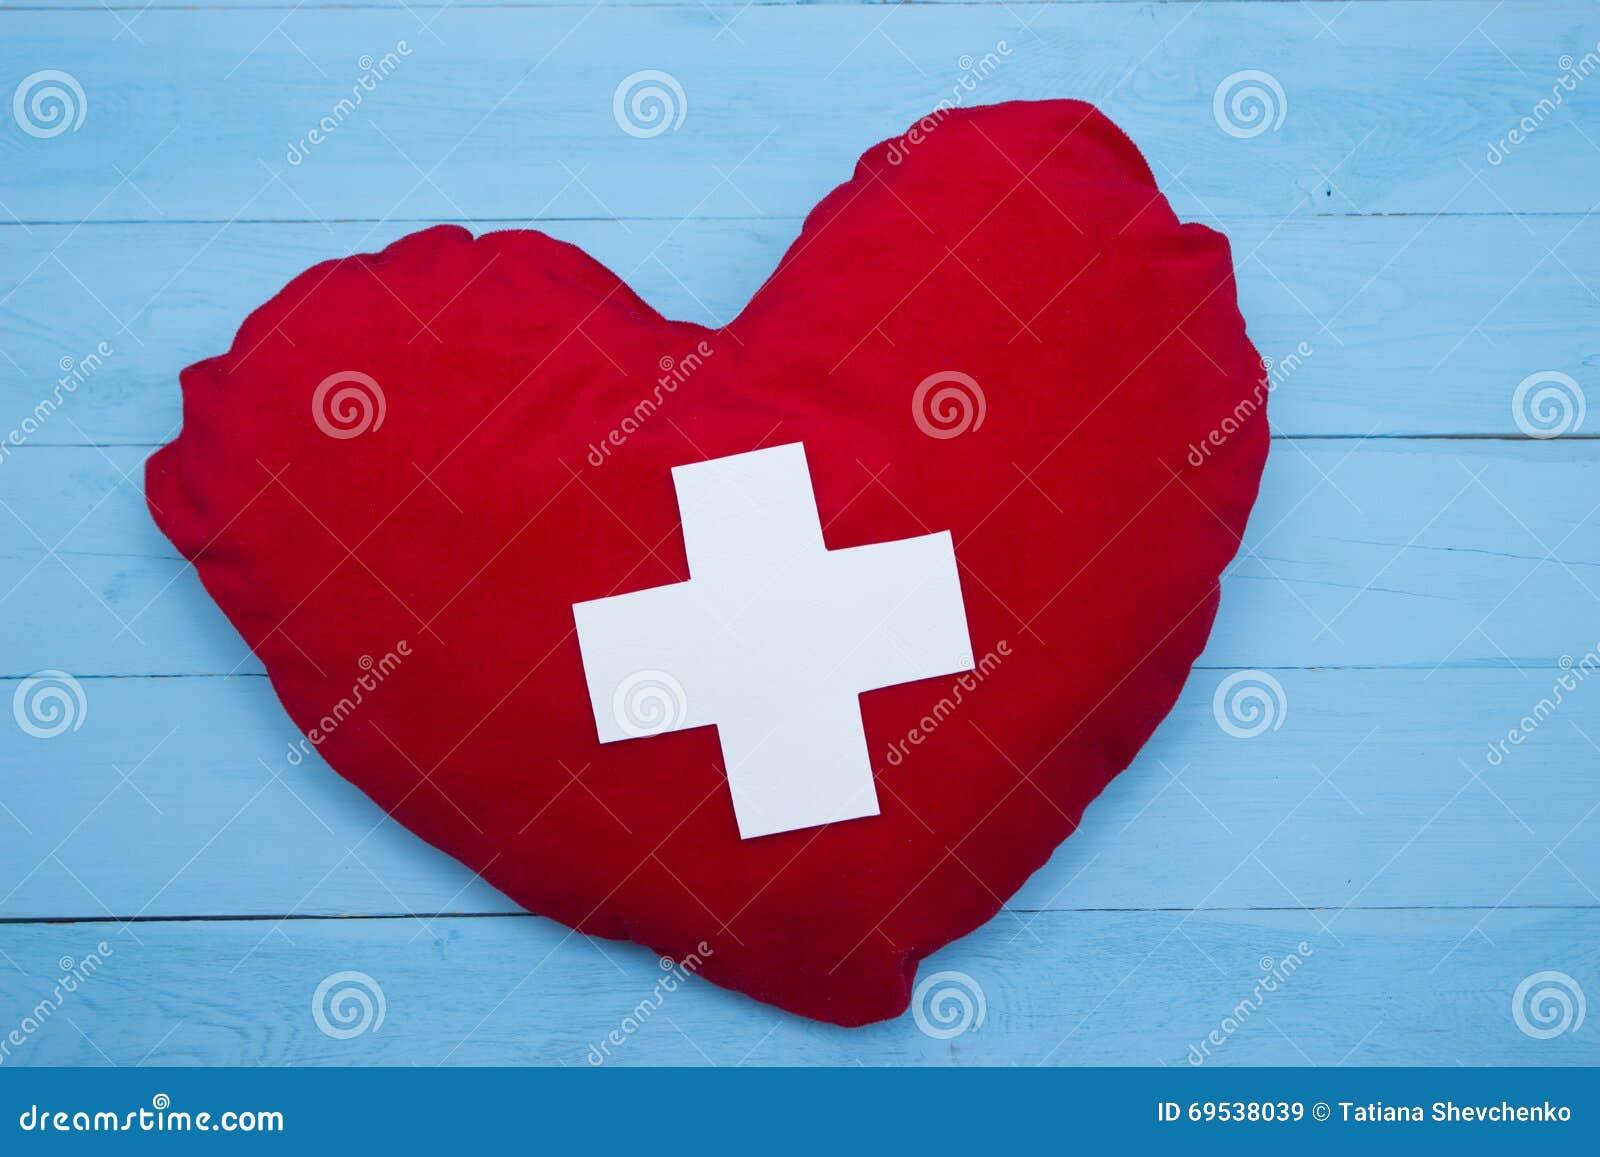 Κόκκινη καρδιά χειροποίητη με έναν άσπρο σταυρό σε ένα μπλε ξύλινο υπόβαθρο 0ddf1156eba